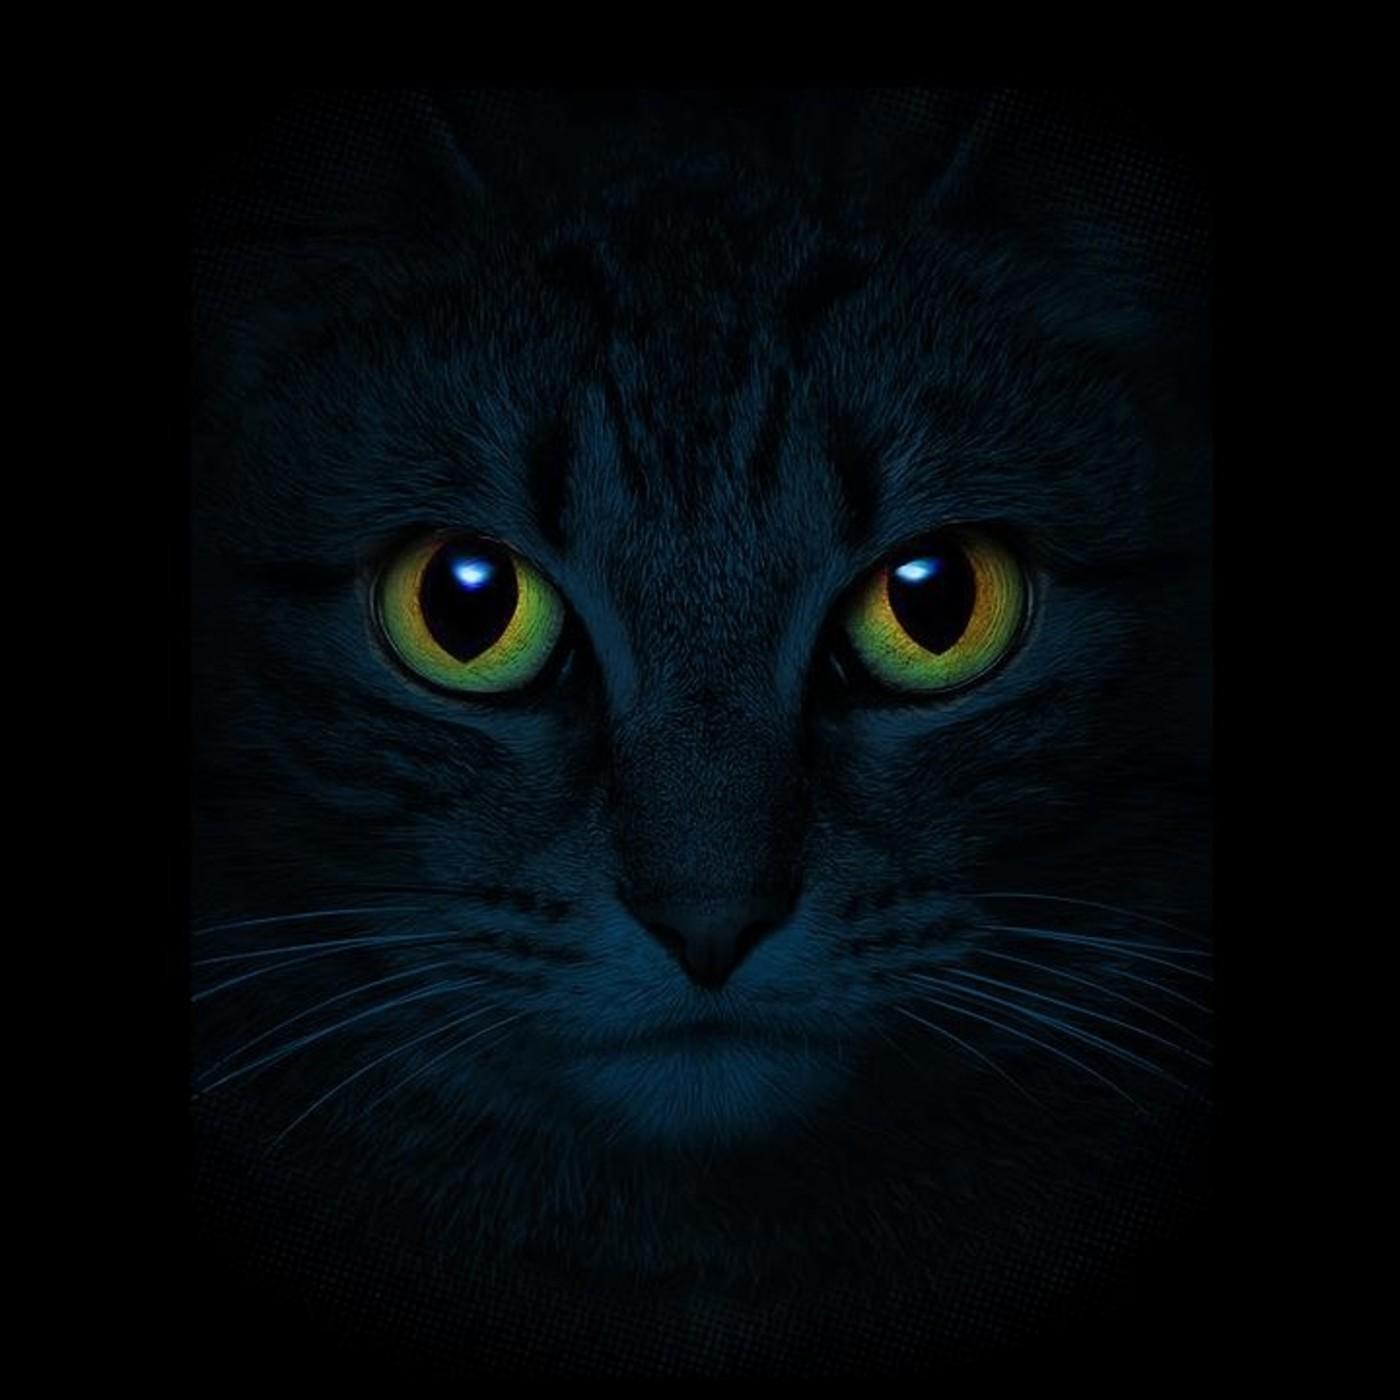 El Gato del Señor Johnson, de Isaac Martín